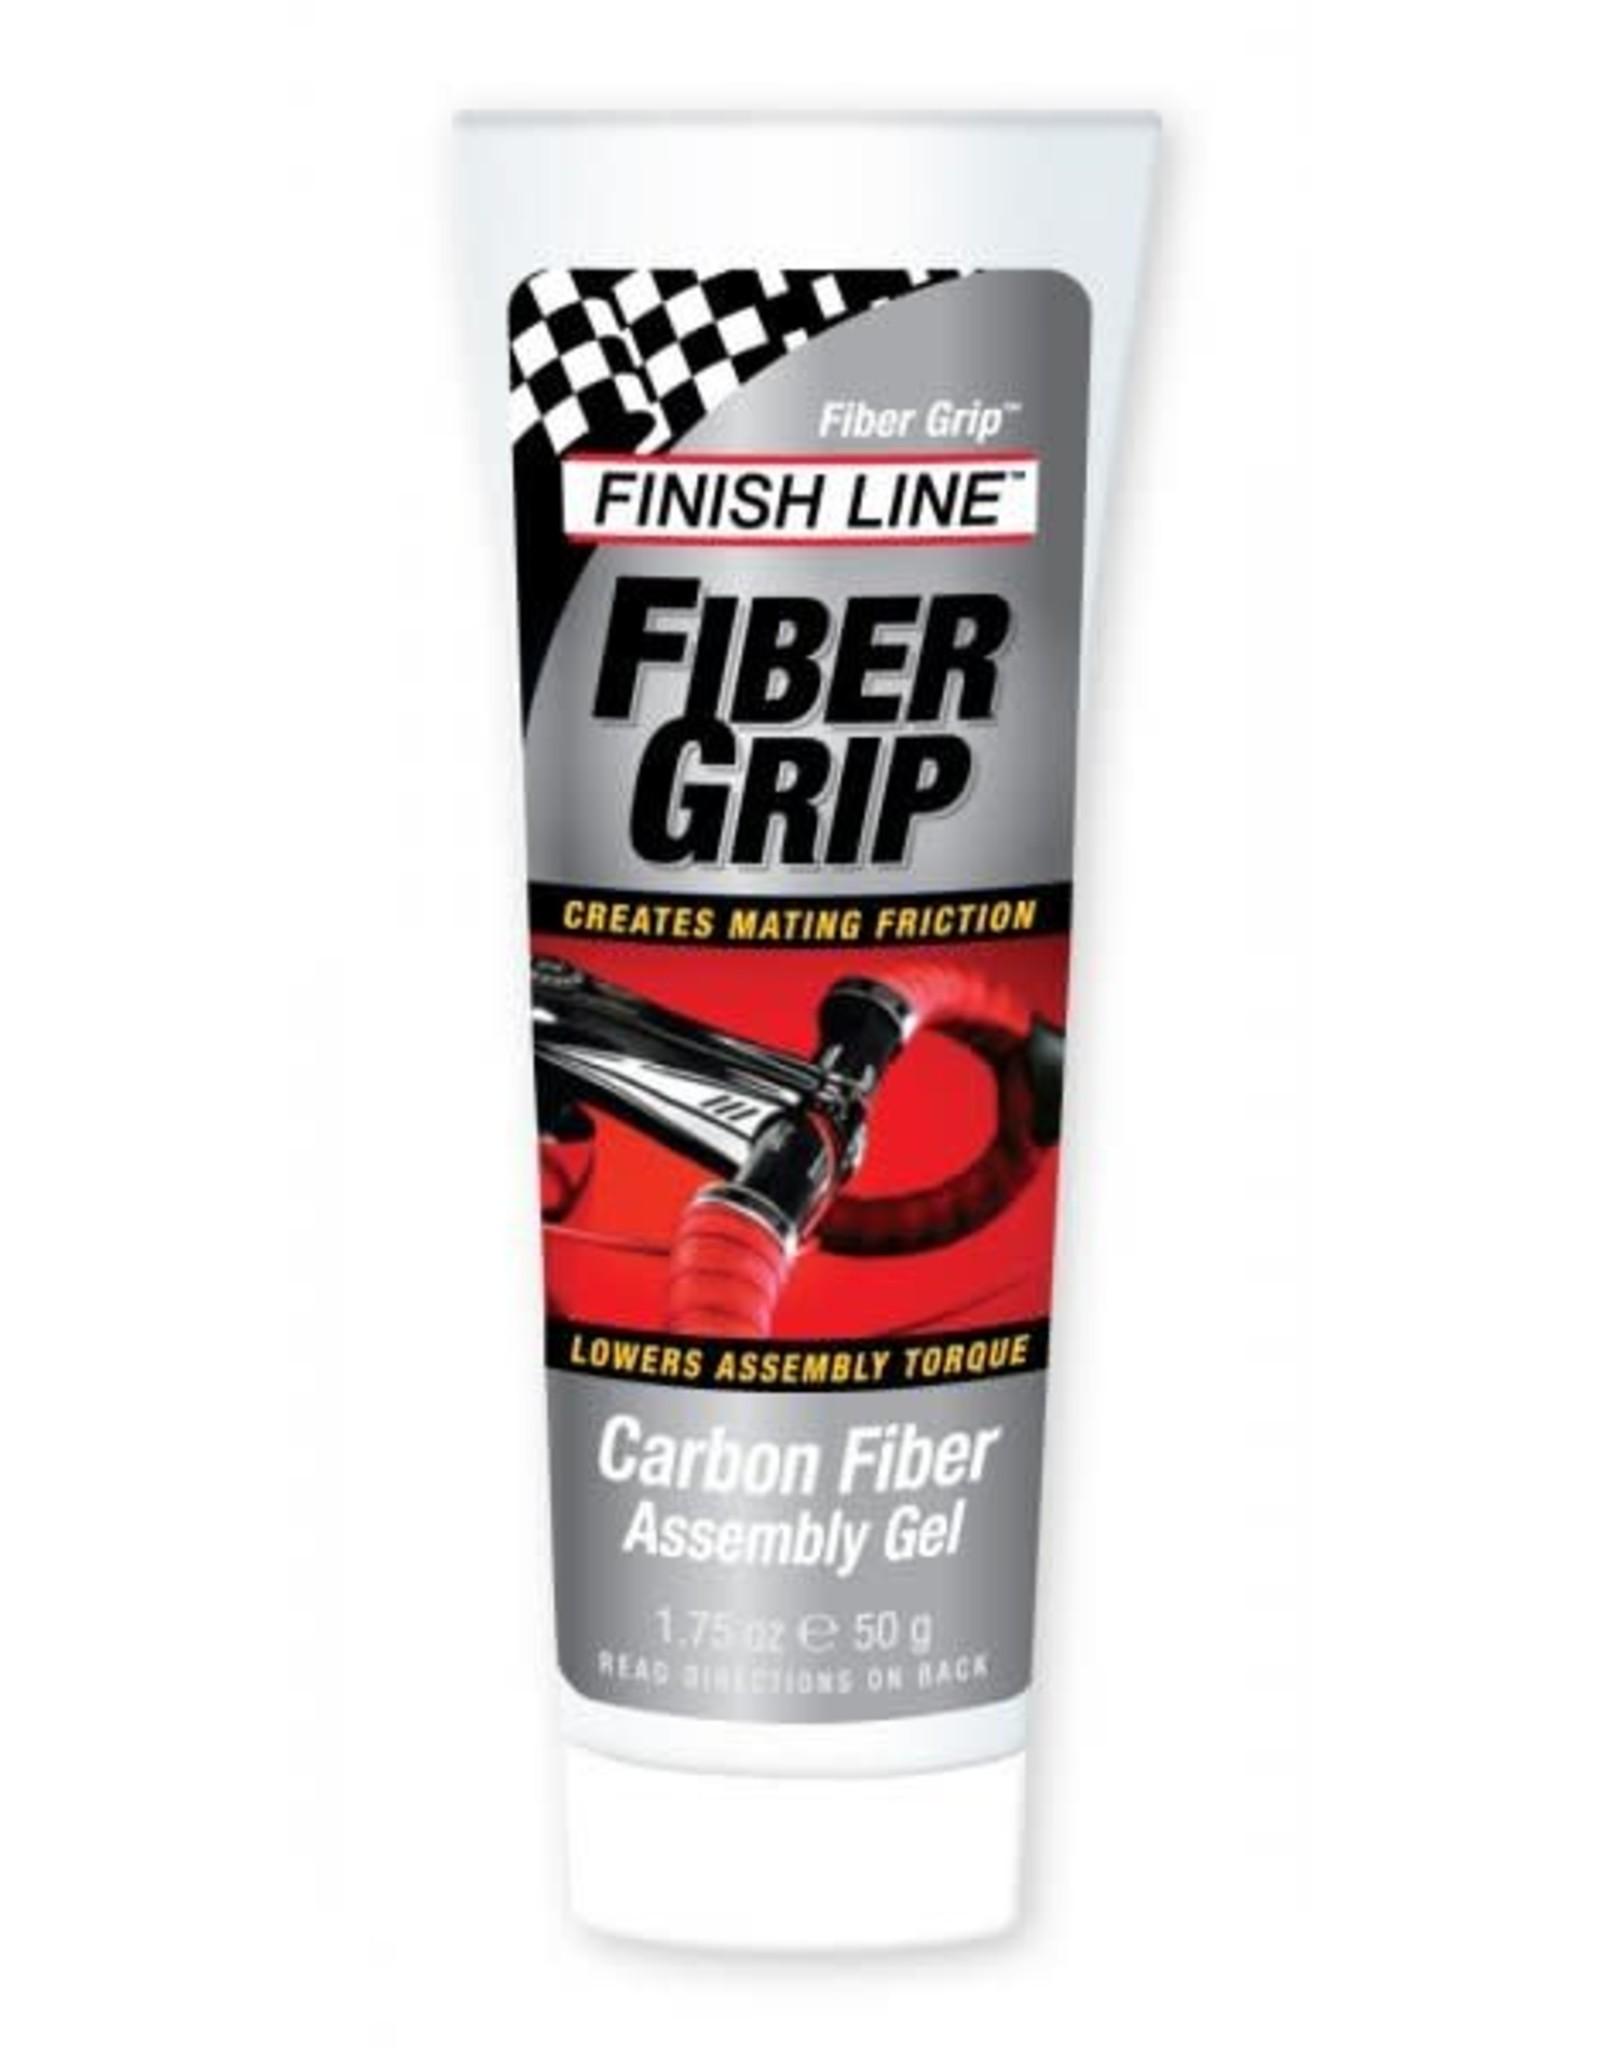 FINISH LINE Finish Line Fiber Grip Assembly Gel for Carbon - 1.75oz/50g